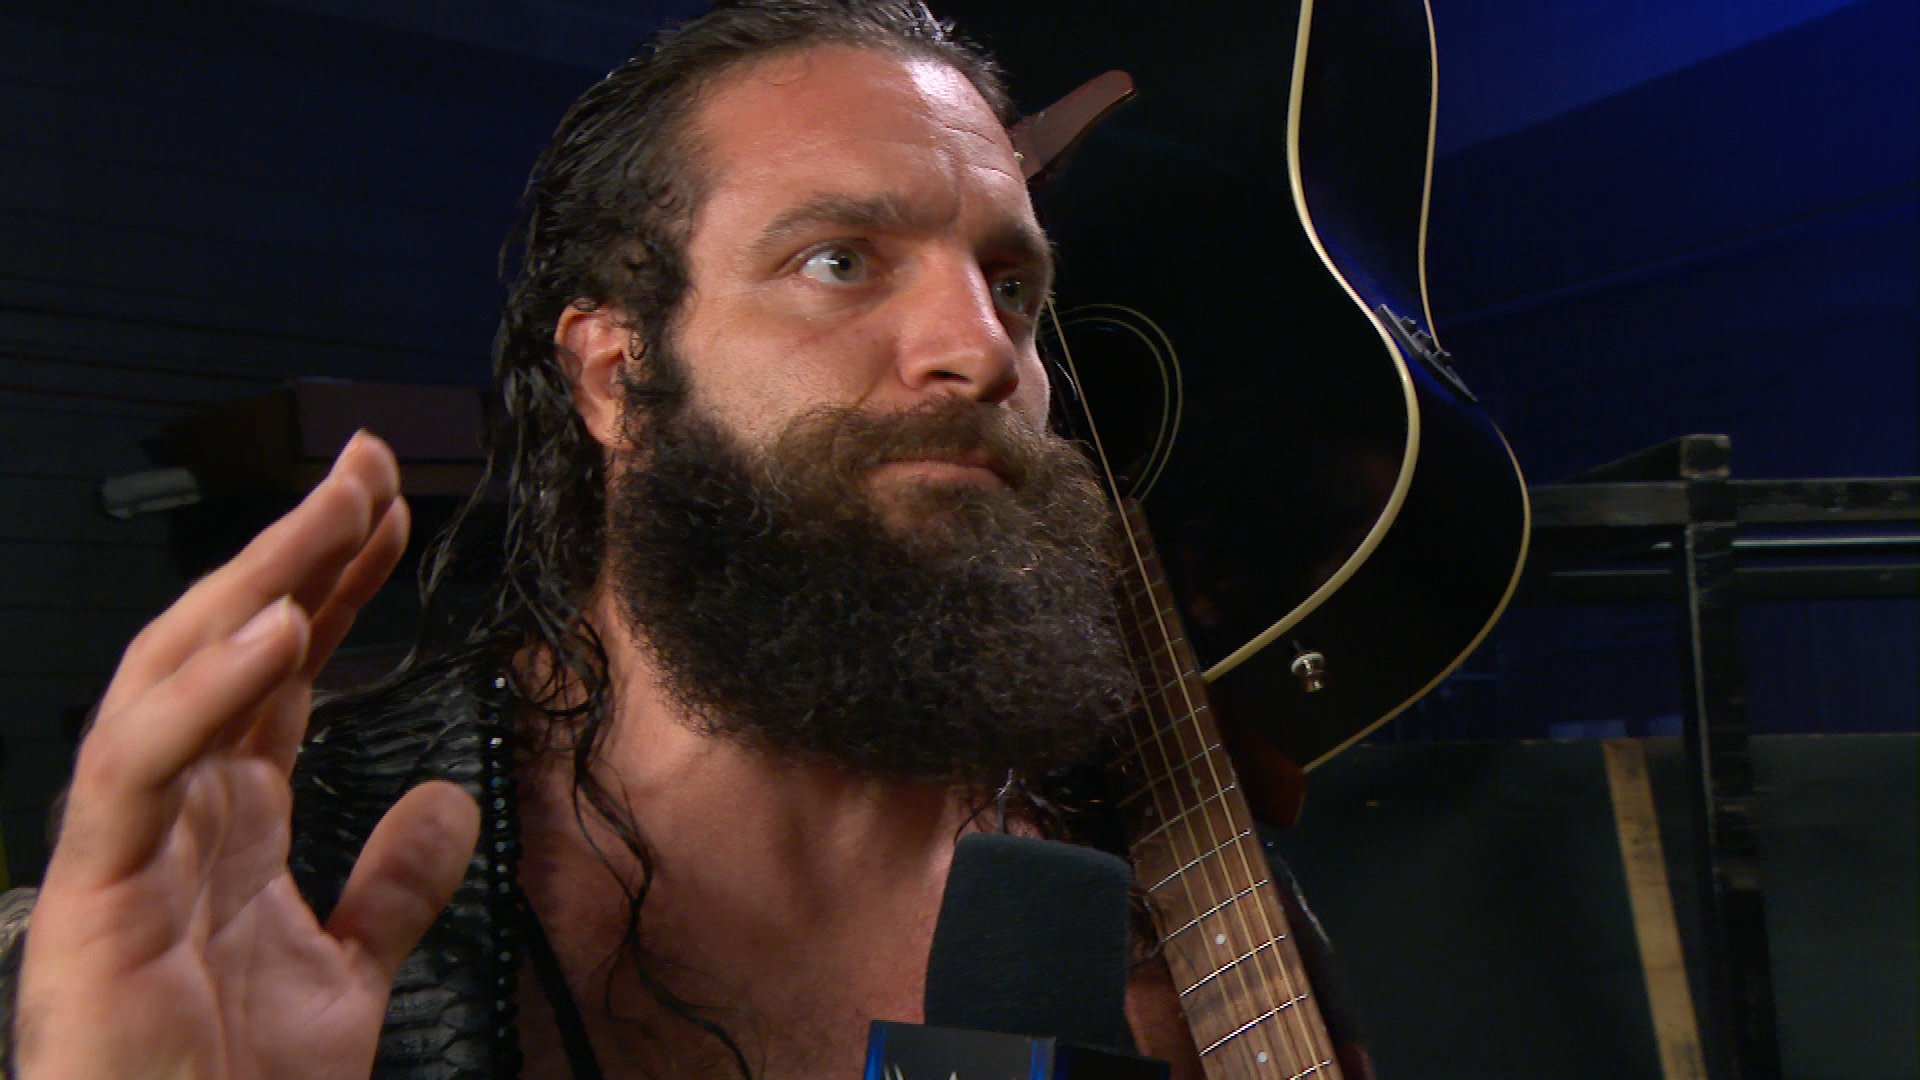 Est-ce que Elias est prêt pour affronter Roman Reigns?: Exclusivité WWE.fr, 7 Mai 2019